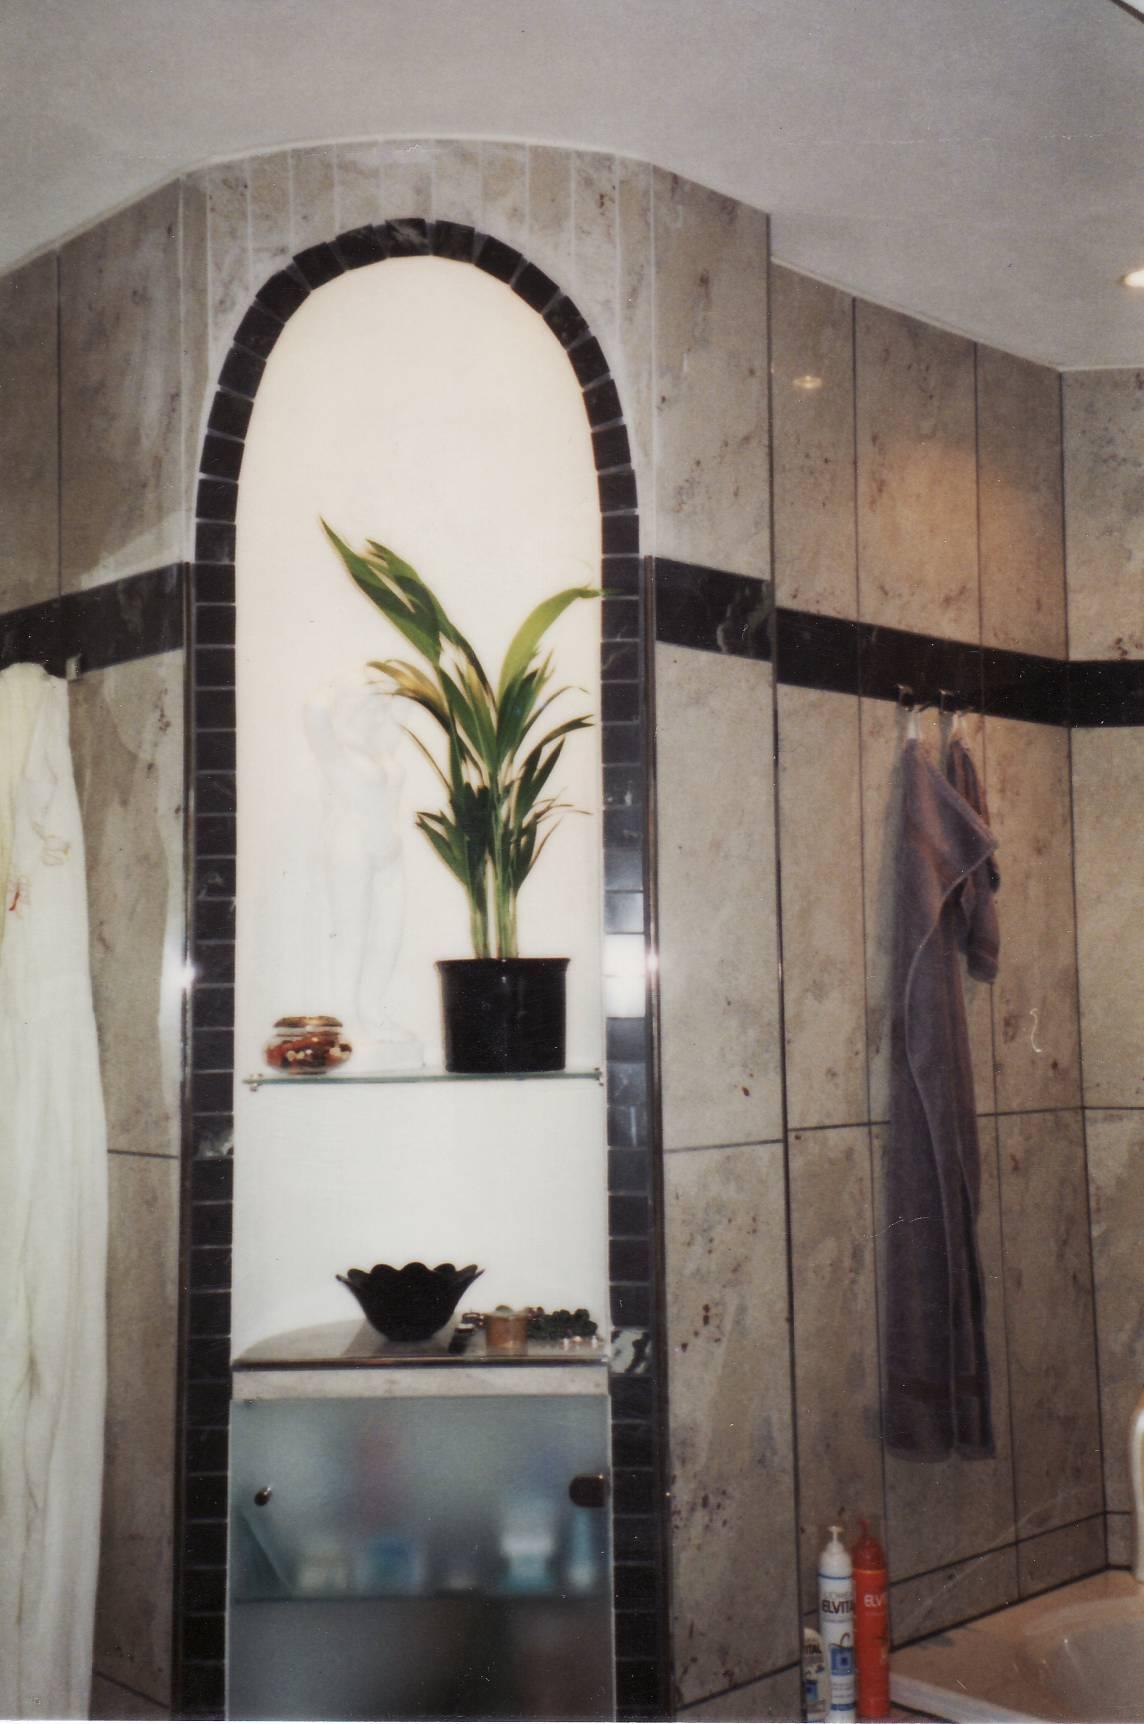 Badablagen: 16 Gestaltungsvorschläge für Ablagen im Bad ...